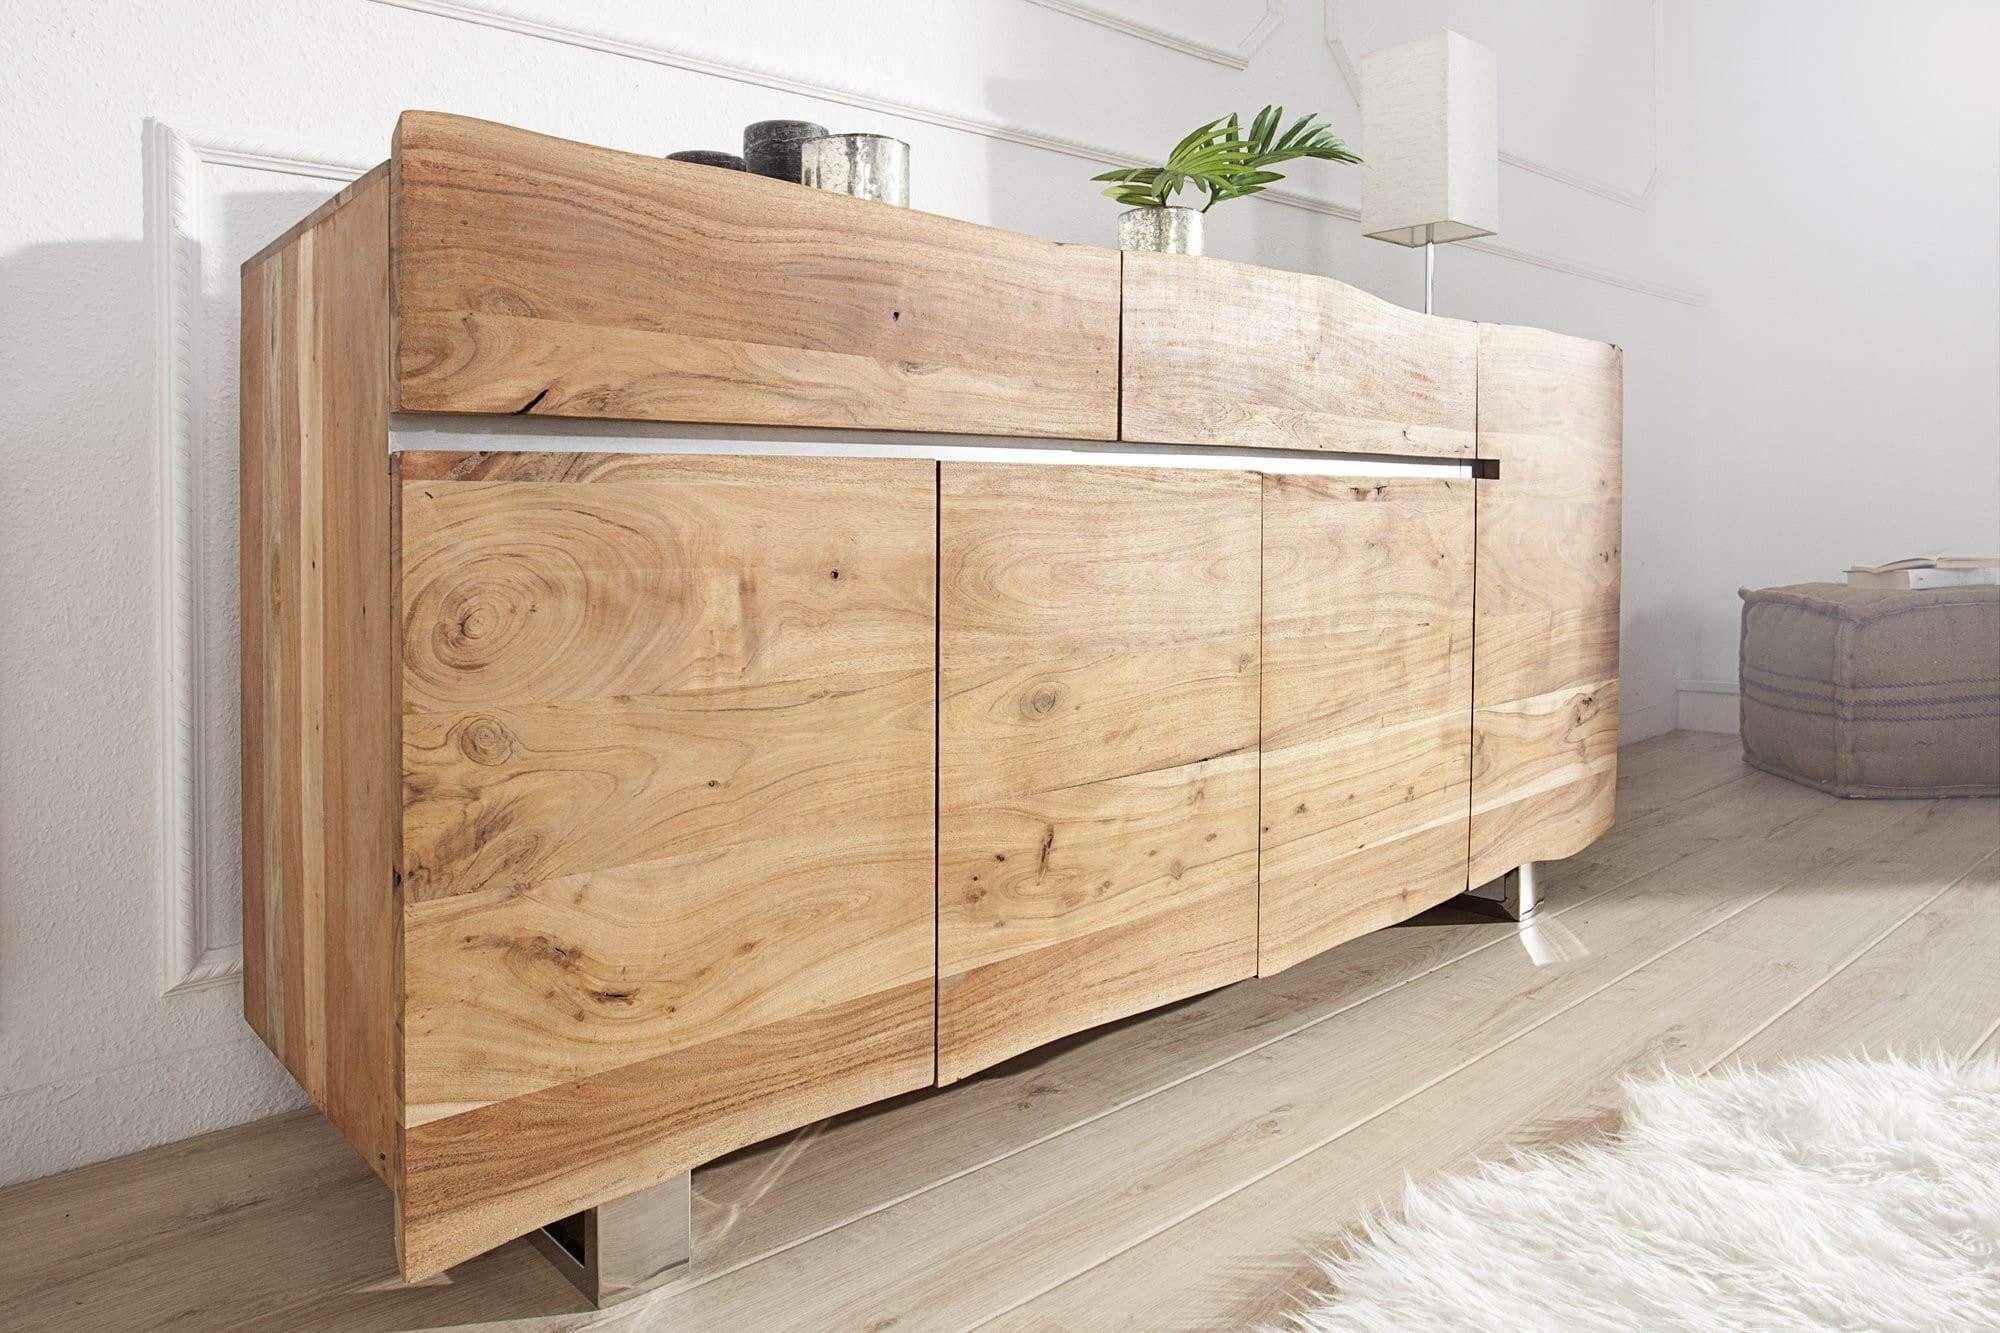 Lakberendezes Otthon Otthondekor Homedecor Homedecorideas Homedesign Furnishings Design Ideas Furnishingidea Wood Furniture Plans Furniture Sideboard